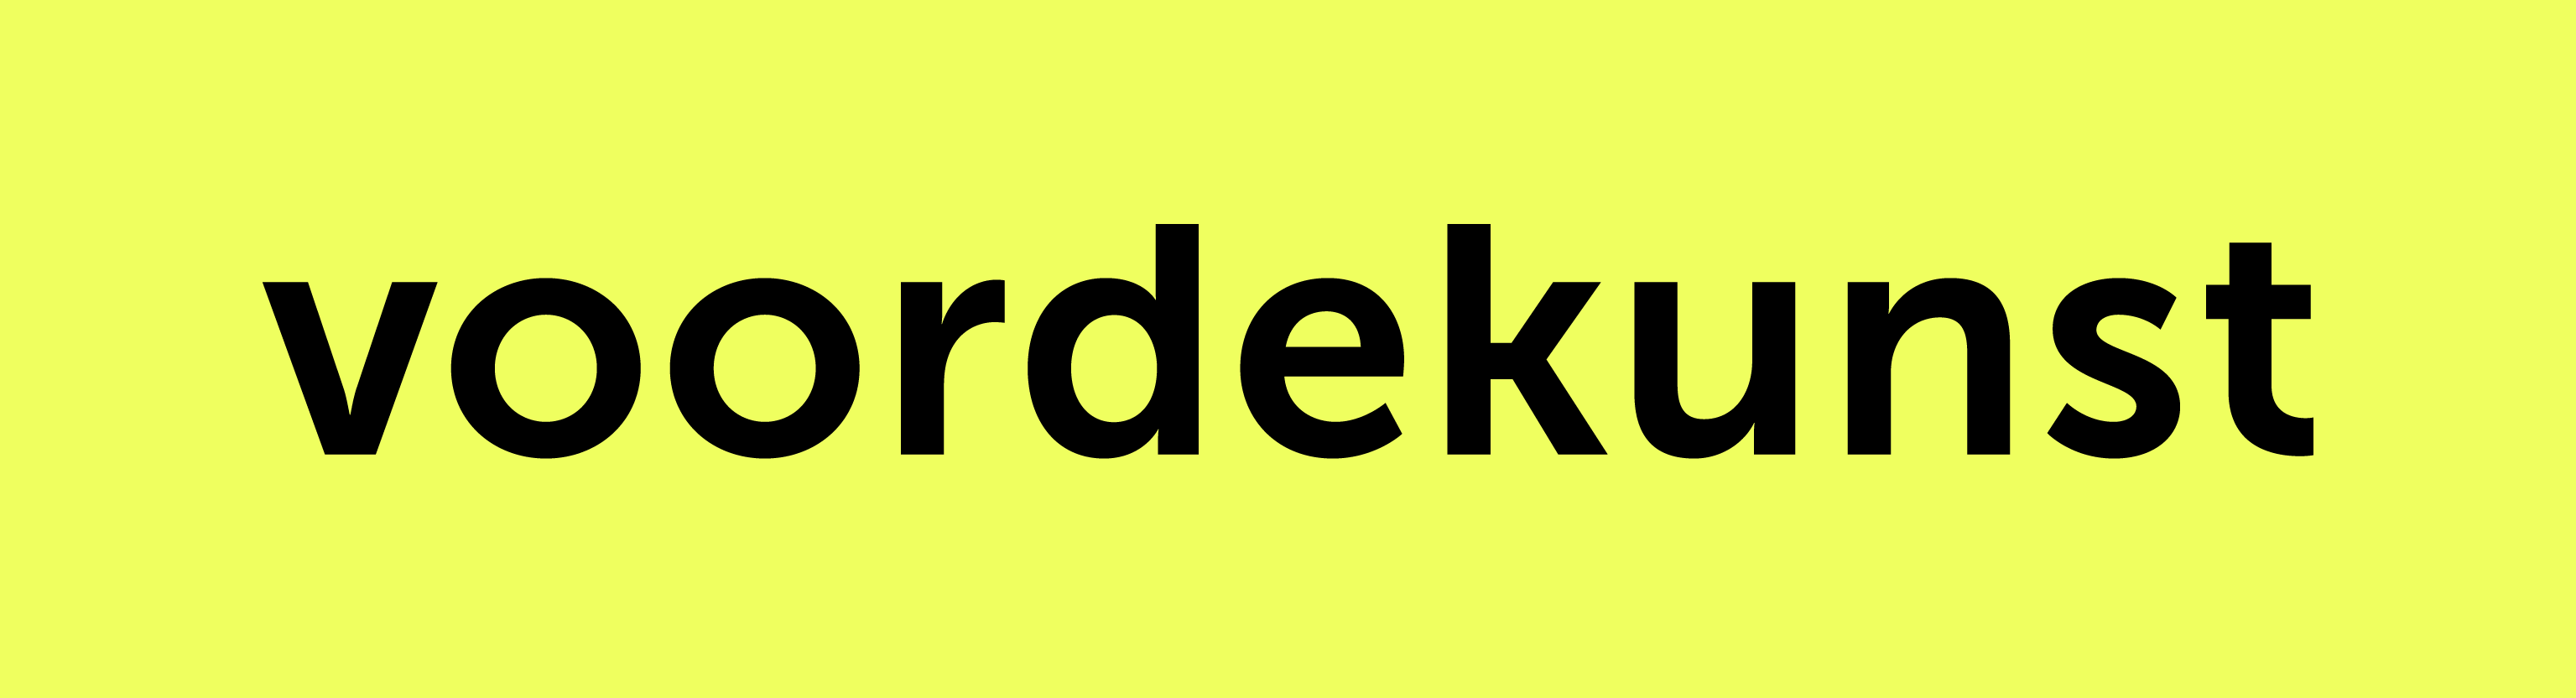 Afbeeldingsresultaat voor voor de kunst logo